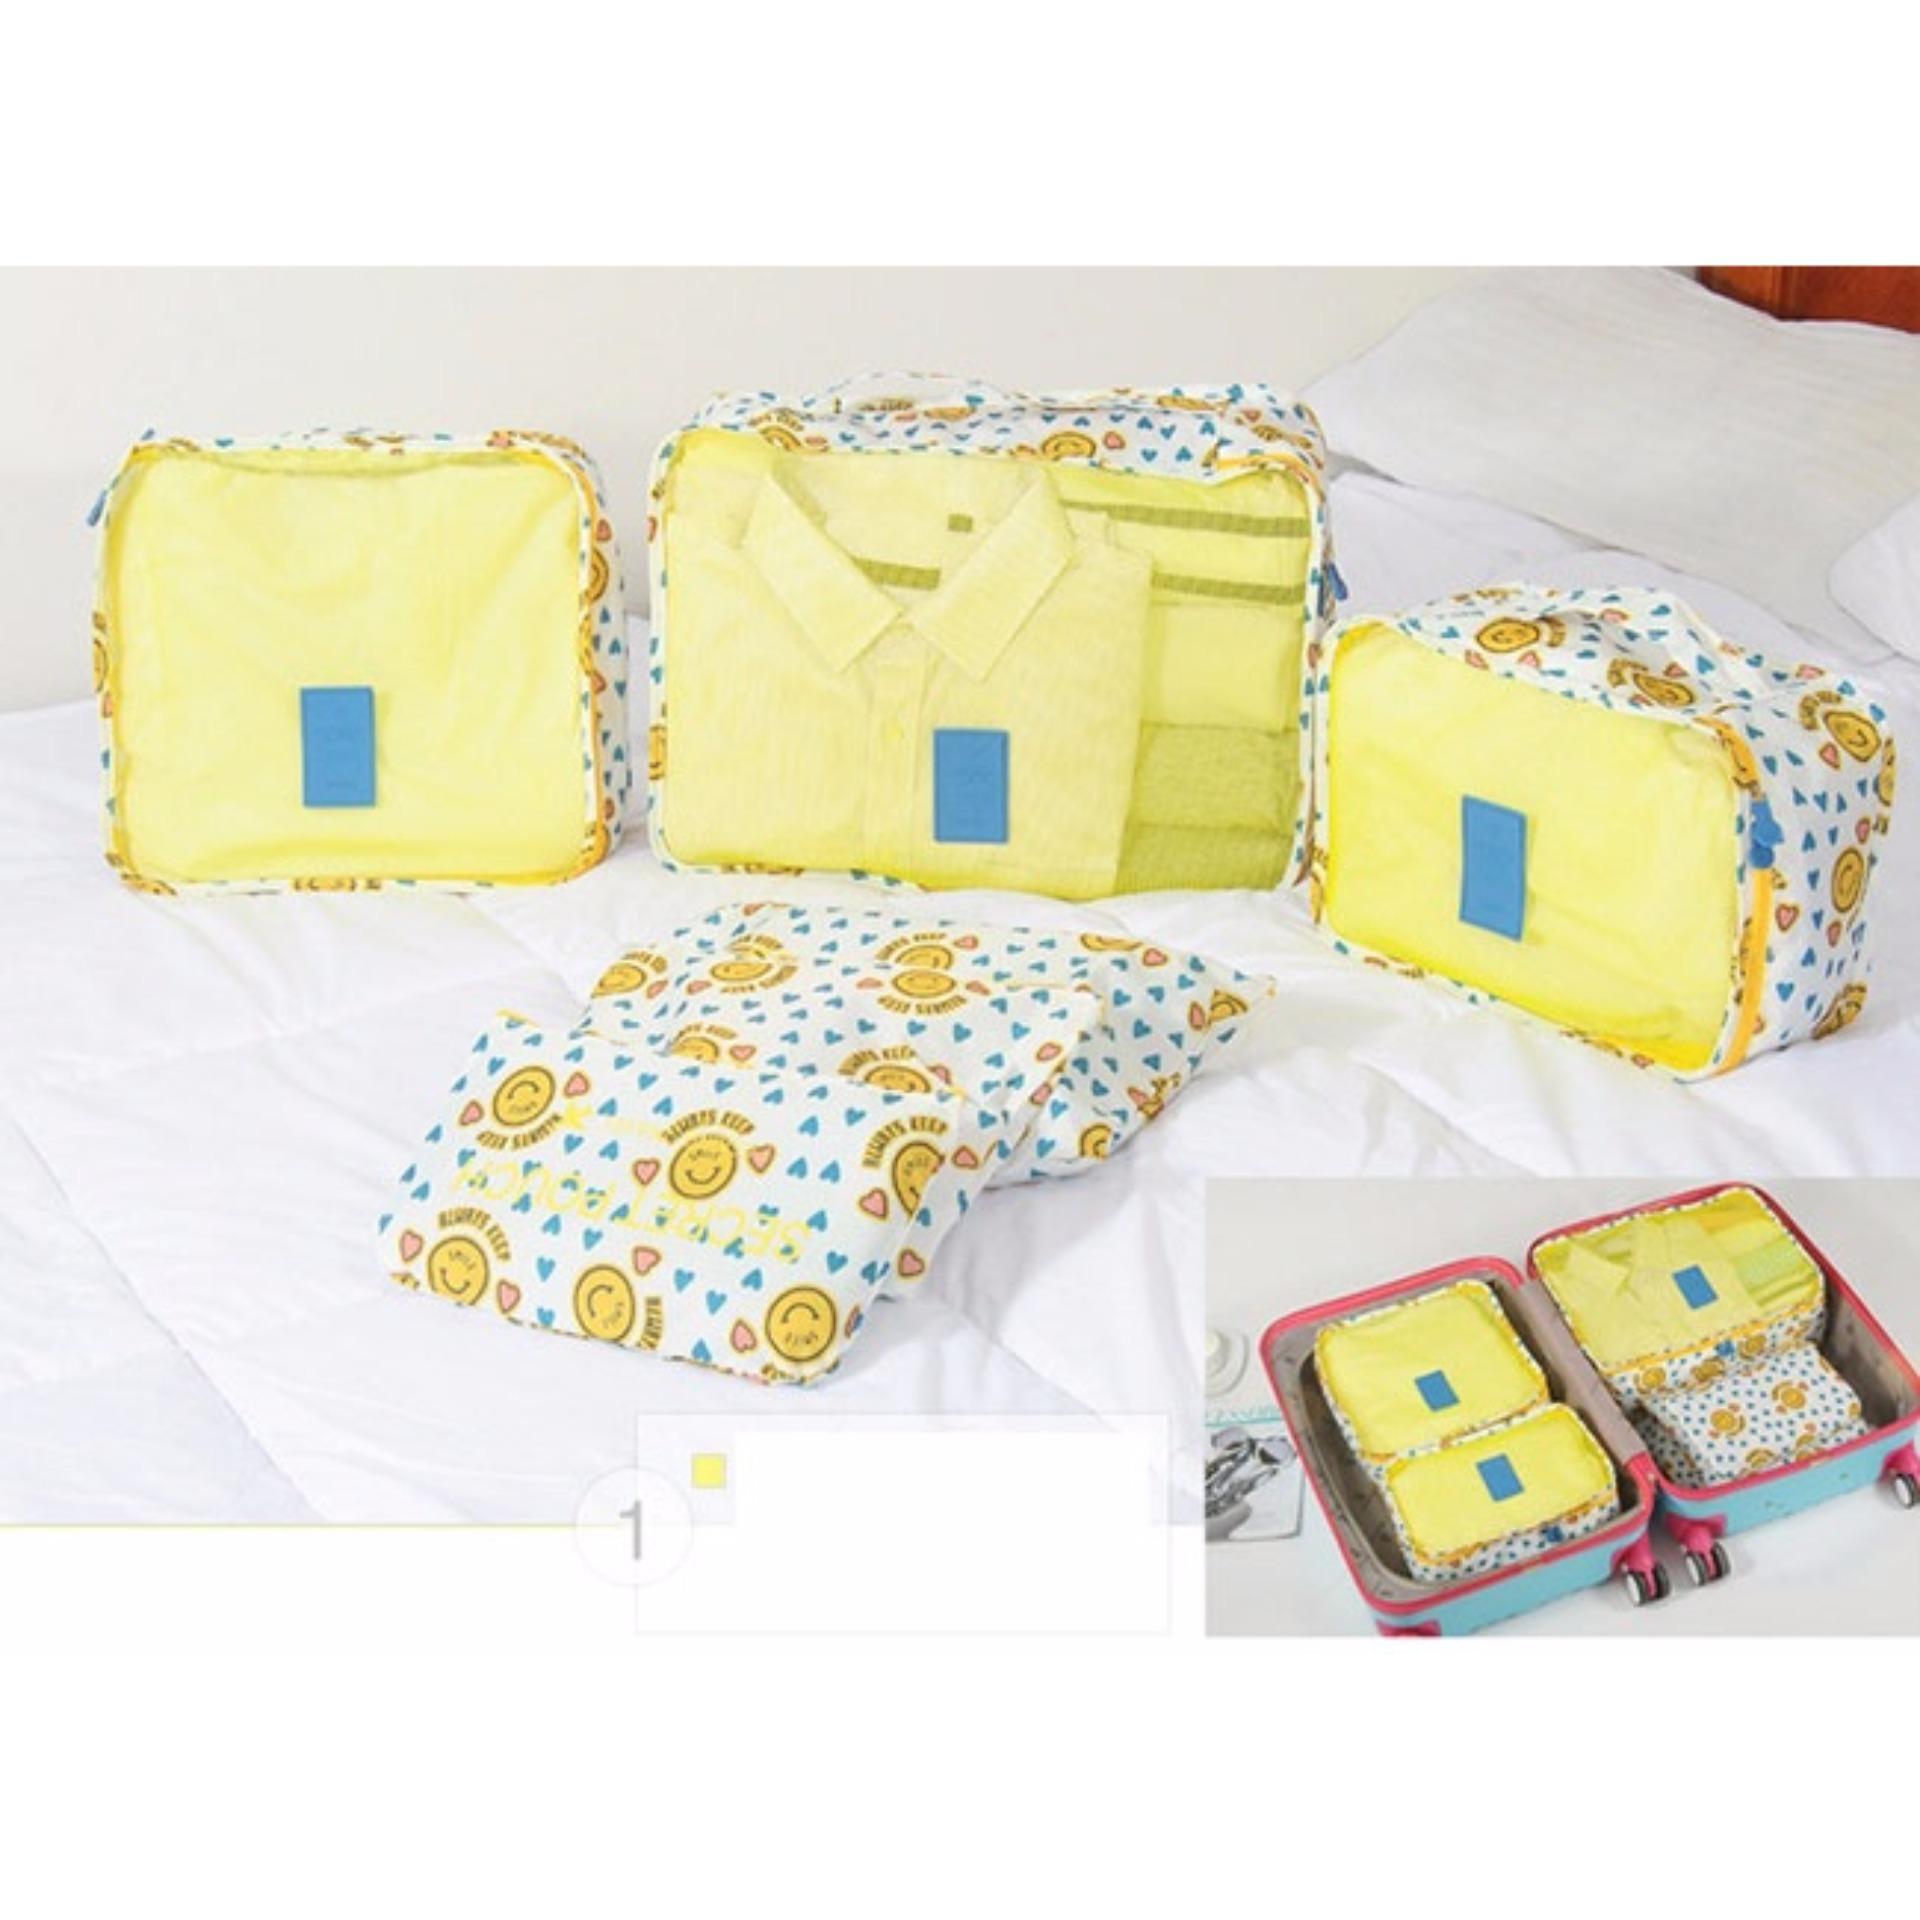 Tư vấn mua Bộ 6 túi du lịch chống thấm Chodeal24h – Mặt cười tim – Vàng